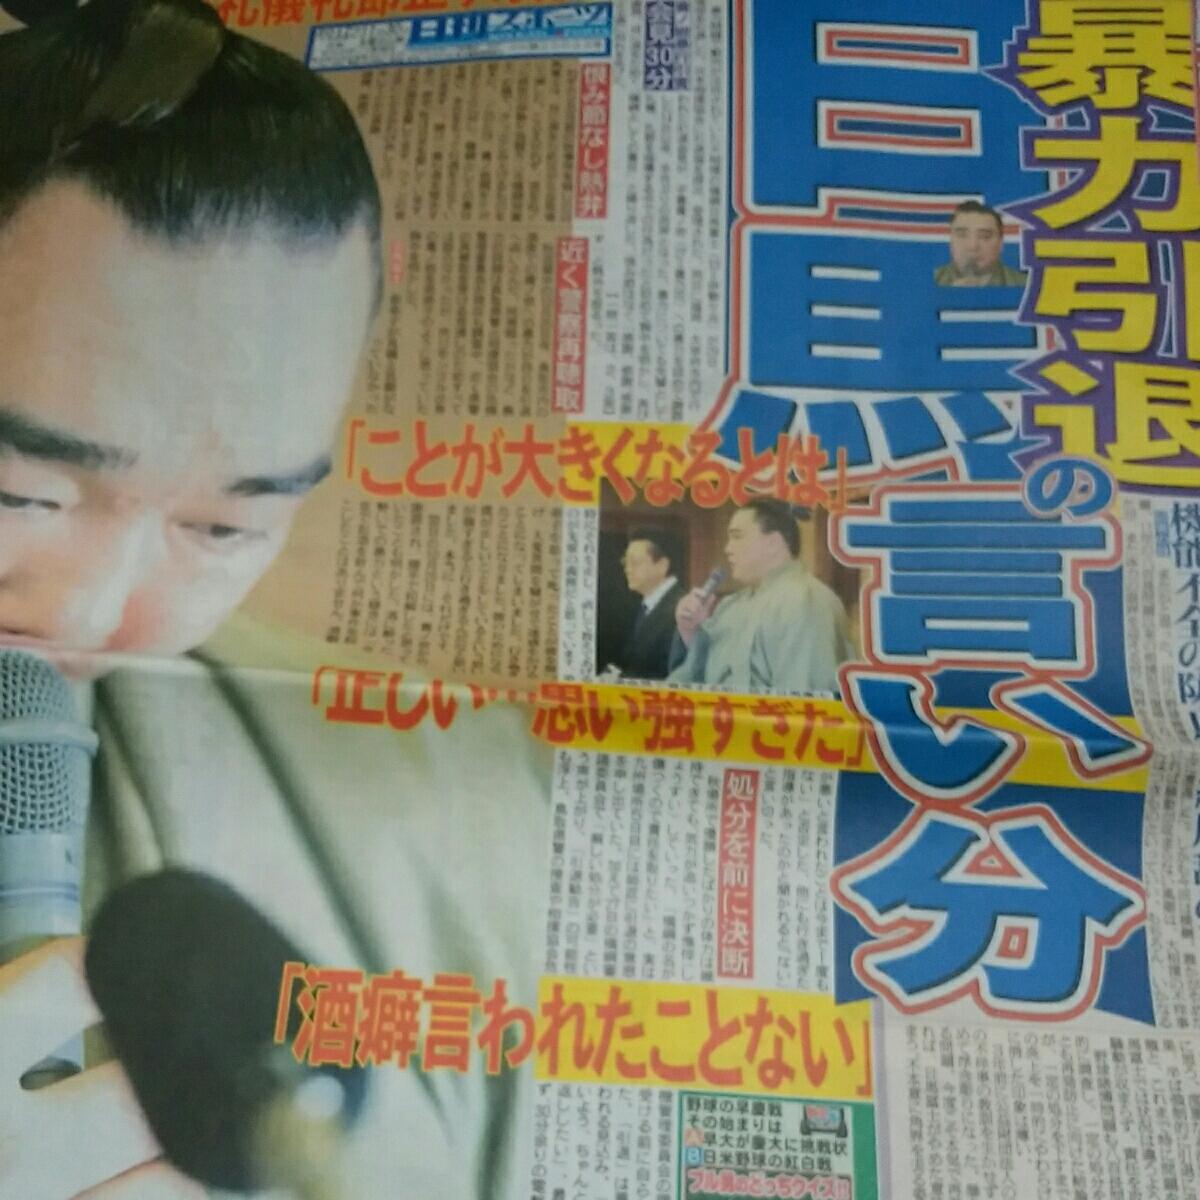 即決・大相撲・日馬富士引退会見・11/30付スポーツ新聞6紙セット